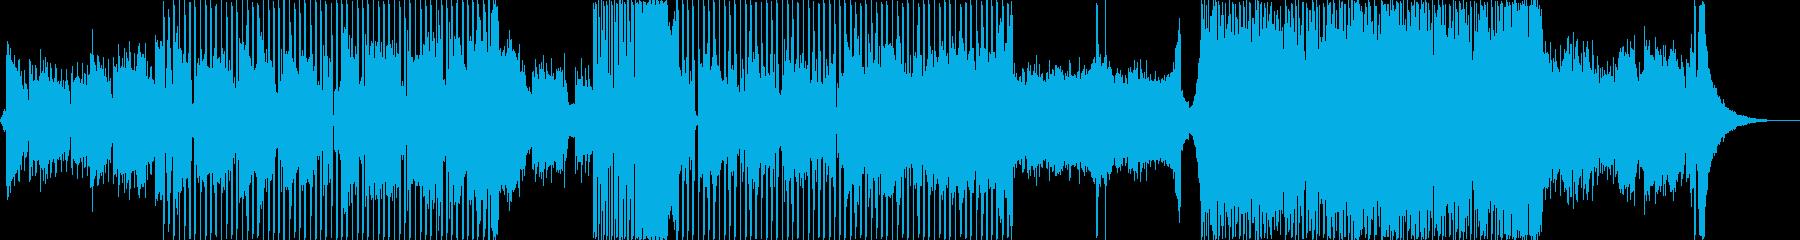 ダークでサイバーパンク・近未来的なBGMの再生済みの波形